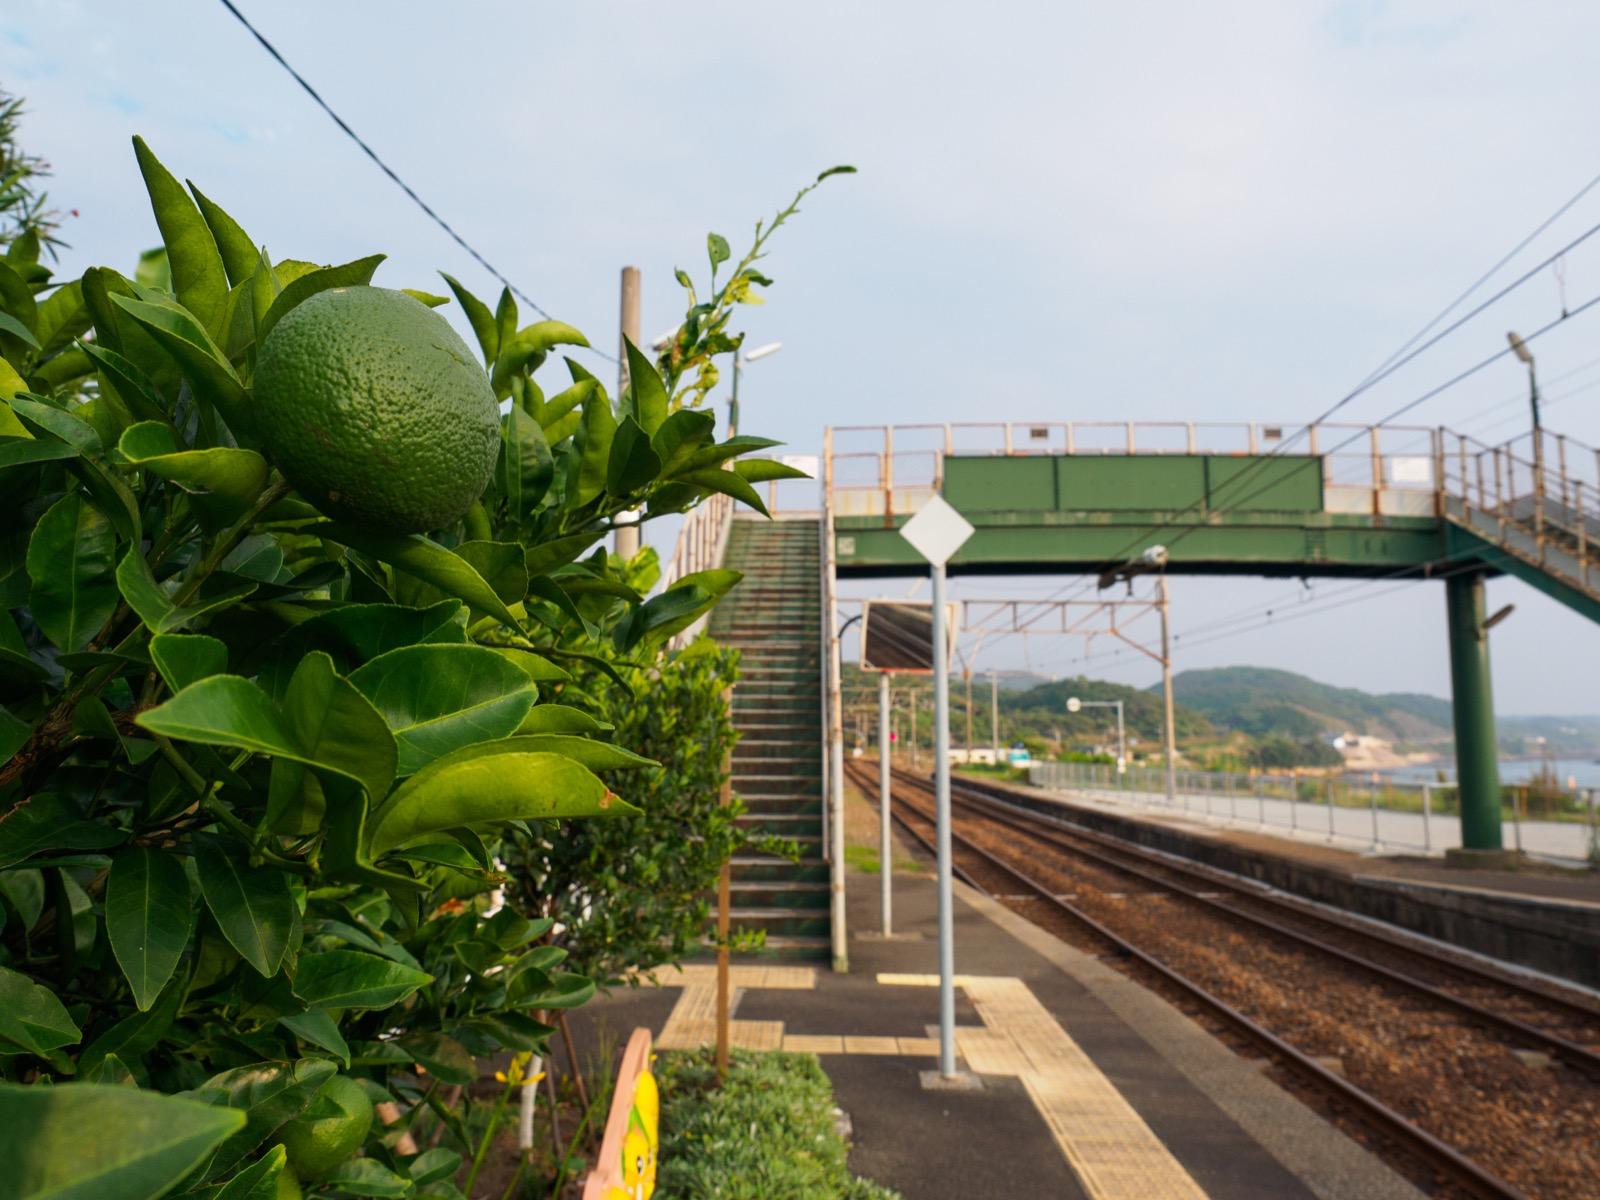 牛ノ浜駅のホームにある柑橘の木